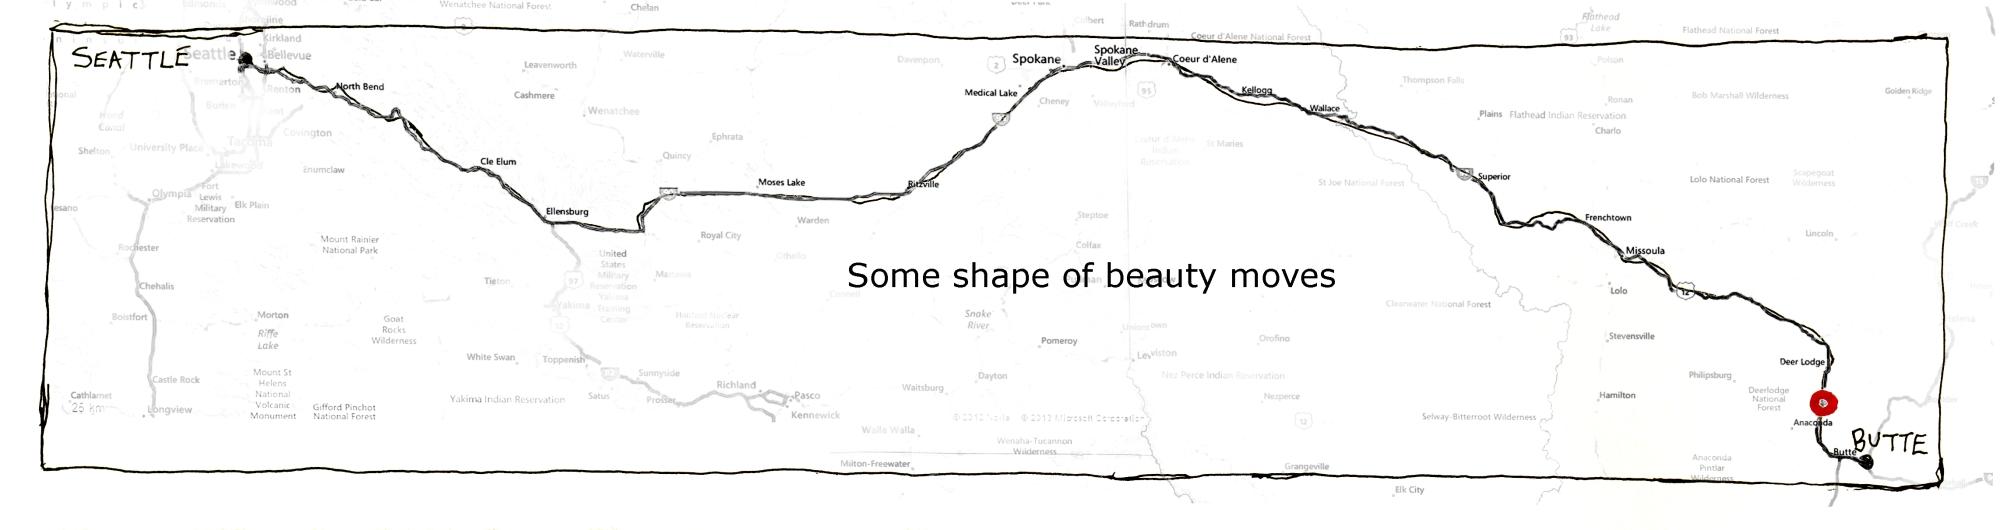 550 map